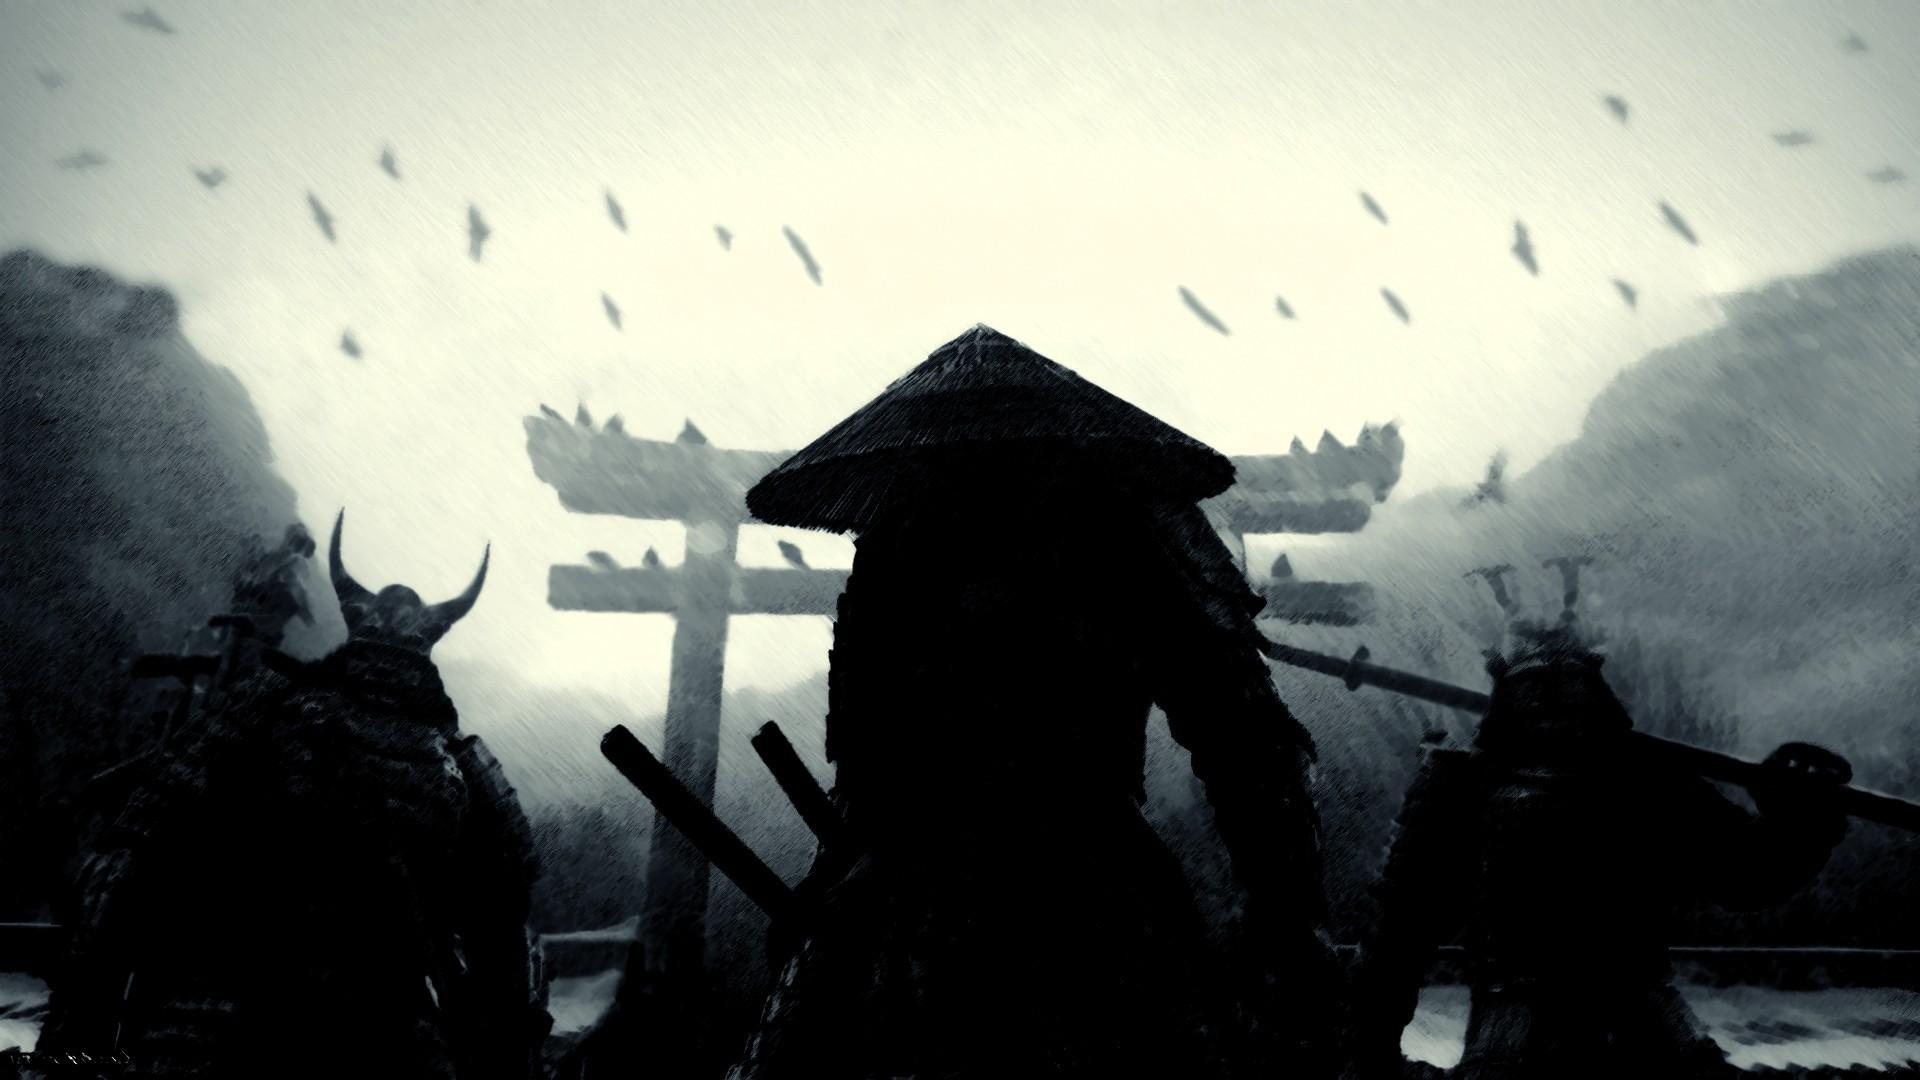 Samurai warriors sucker punch wallpaper 6891 - Samurai Warriors Sucker Punch Wallpaper 6891